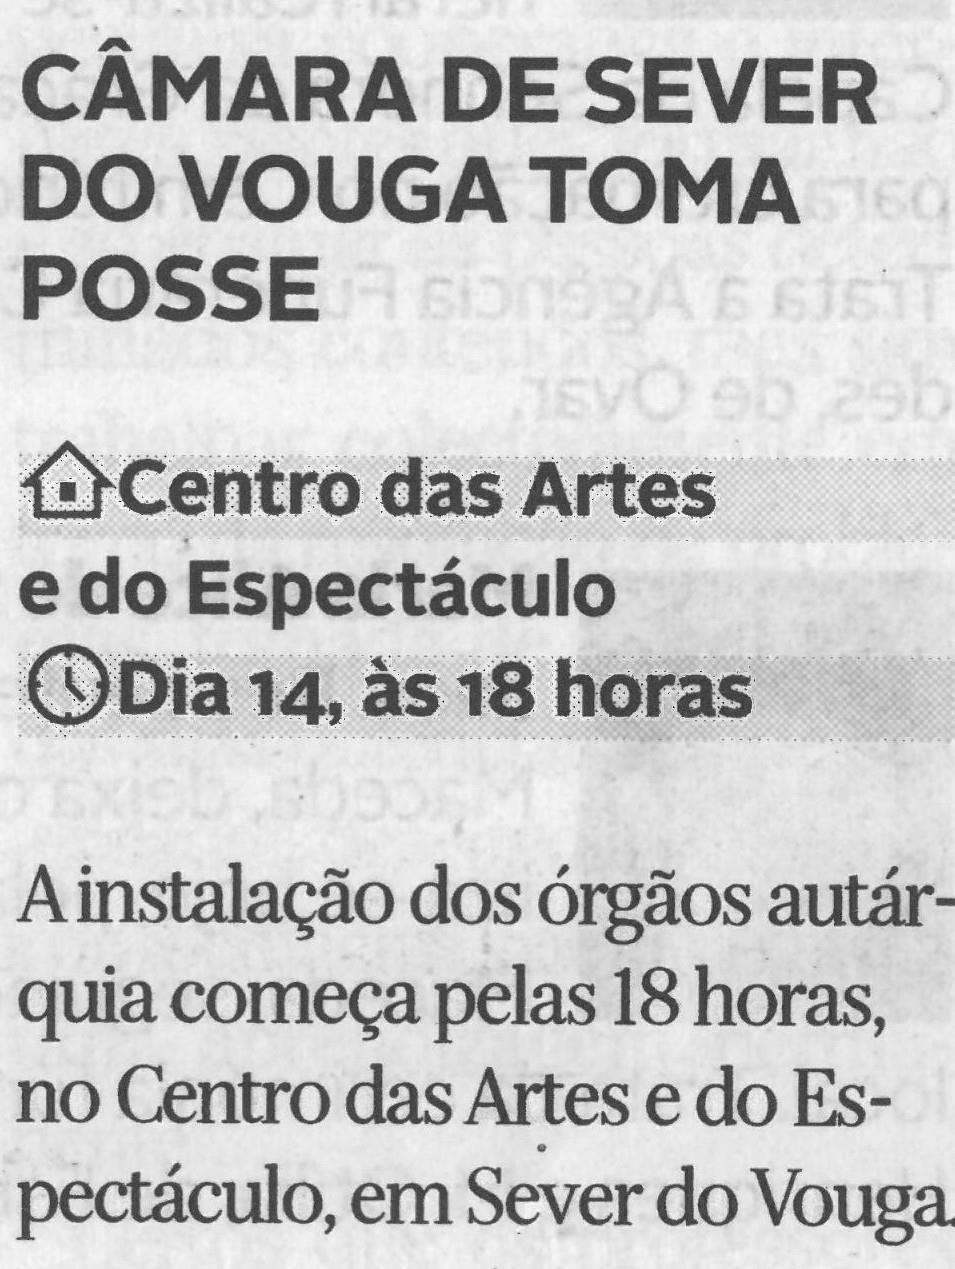 DA-N.º 12210 (13 out. '21), p. 7-Câmara de Sever do Vouga toma posse.jpg